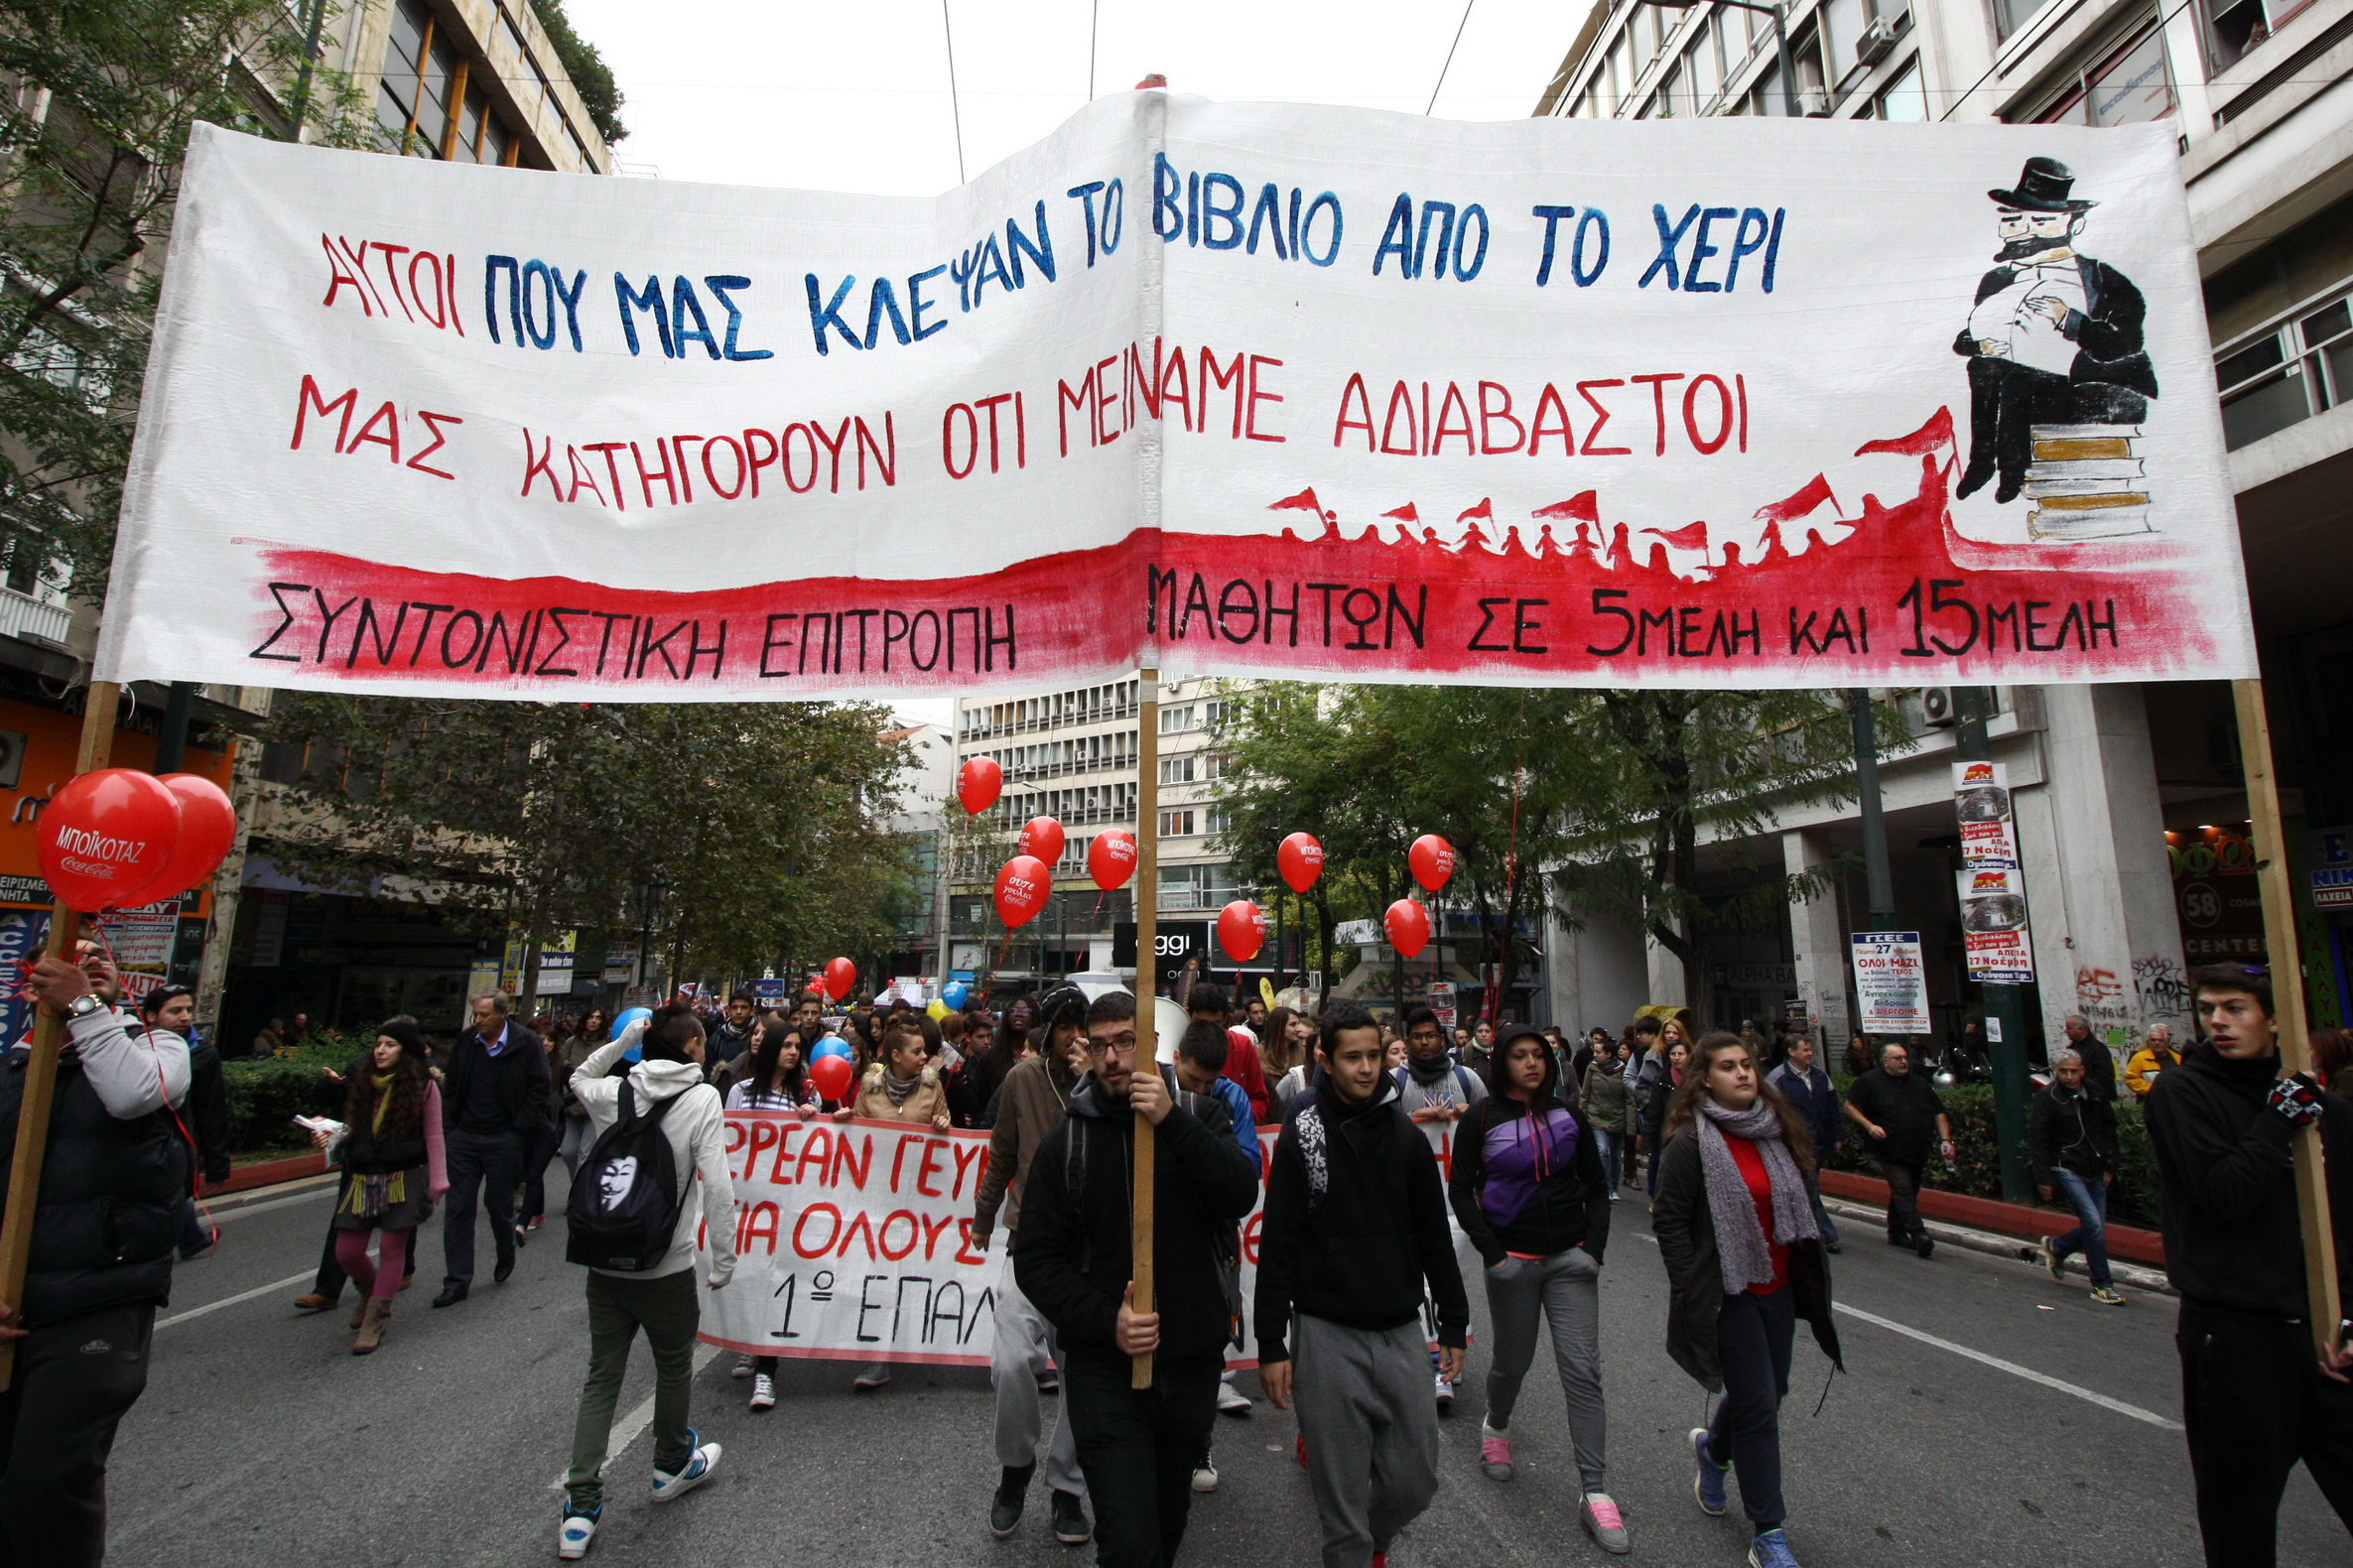 Αποτέλεσμα εικόνας για μαθητικο συλλαλητηριο ανω λιοσια